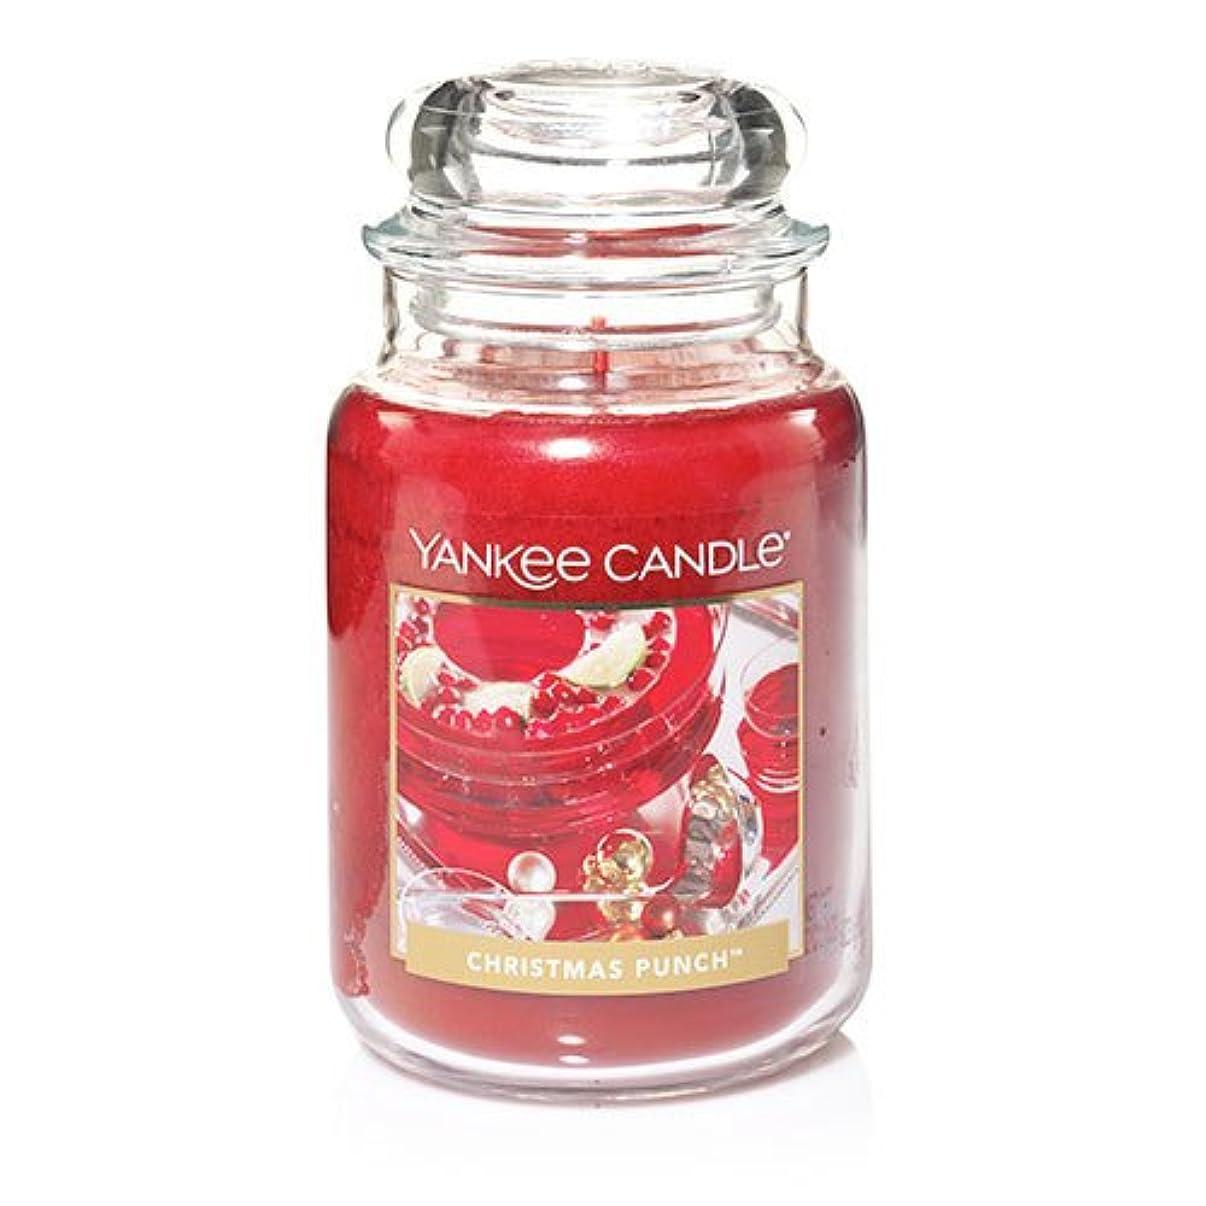 急襲超越する幸運なYankee CandleクリスマスパンチLarge Jar Candle